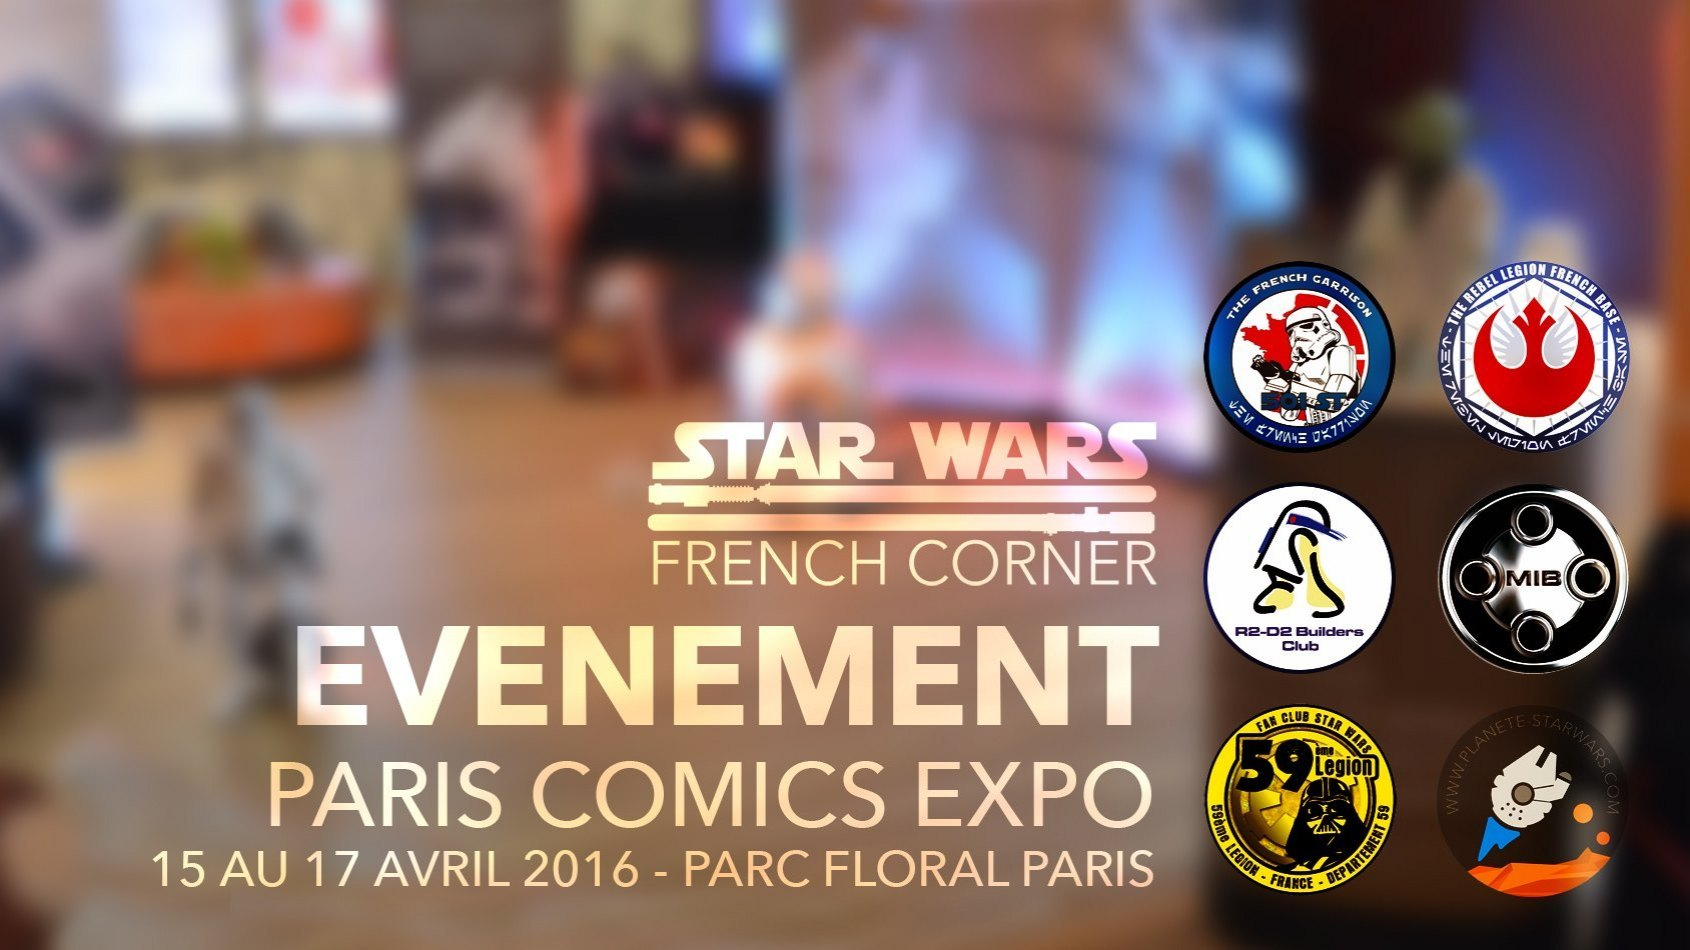 Paris Comics Expo : Vivez une experience Star Wars unique !